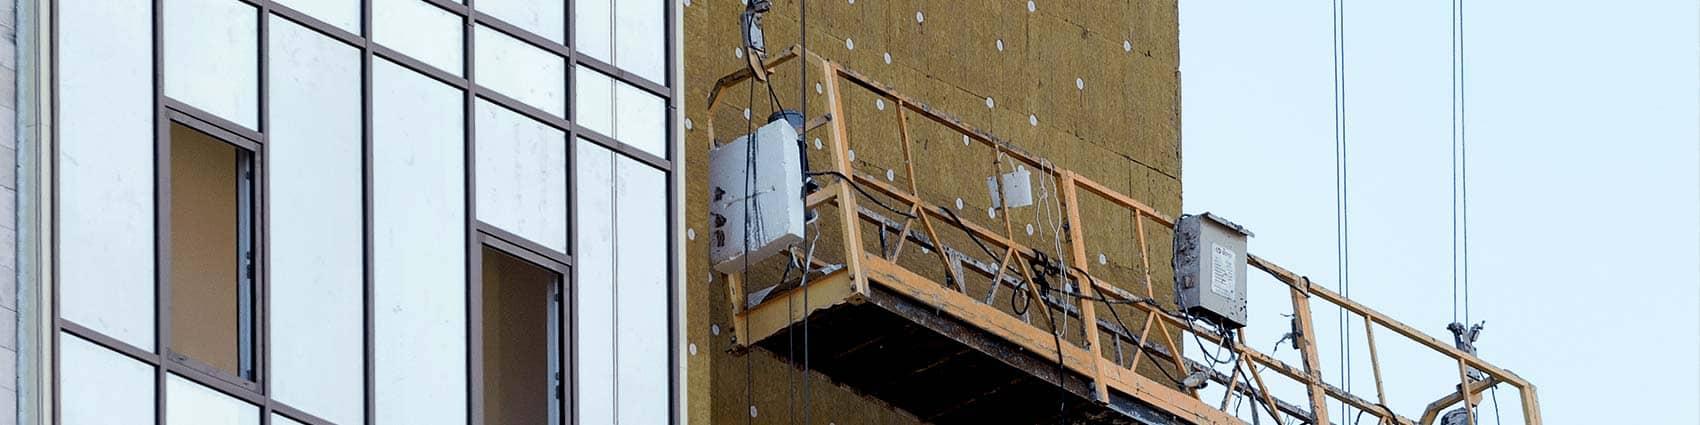 Ochrona środowiska a zmiany klimatu | Termomodernizacja budynków i nowoczesne systemy grzewcze | Obniżanie zużycia energii